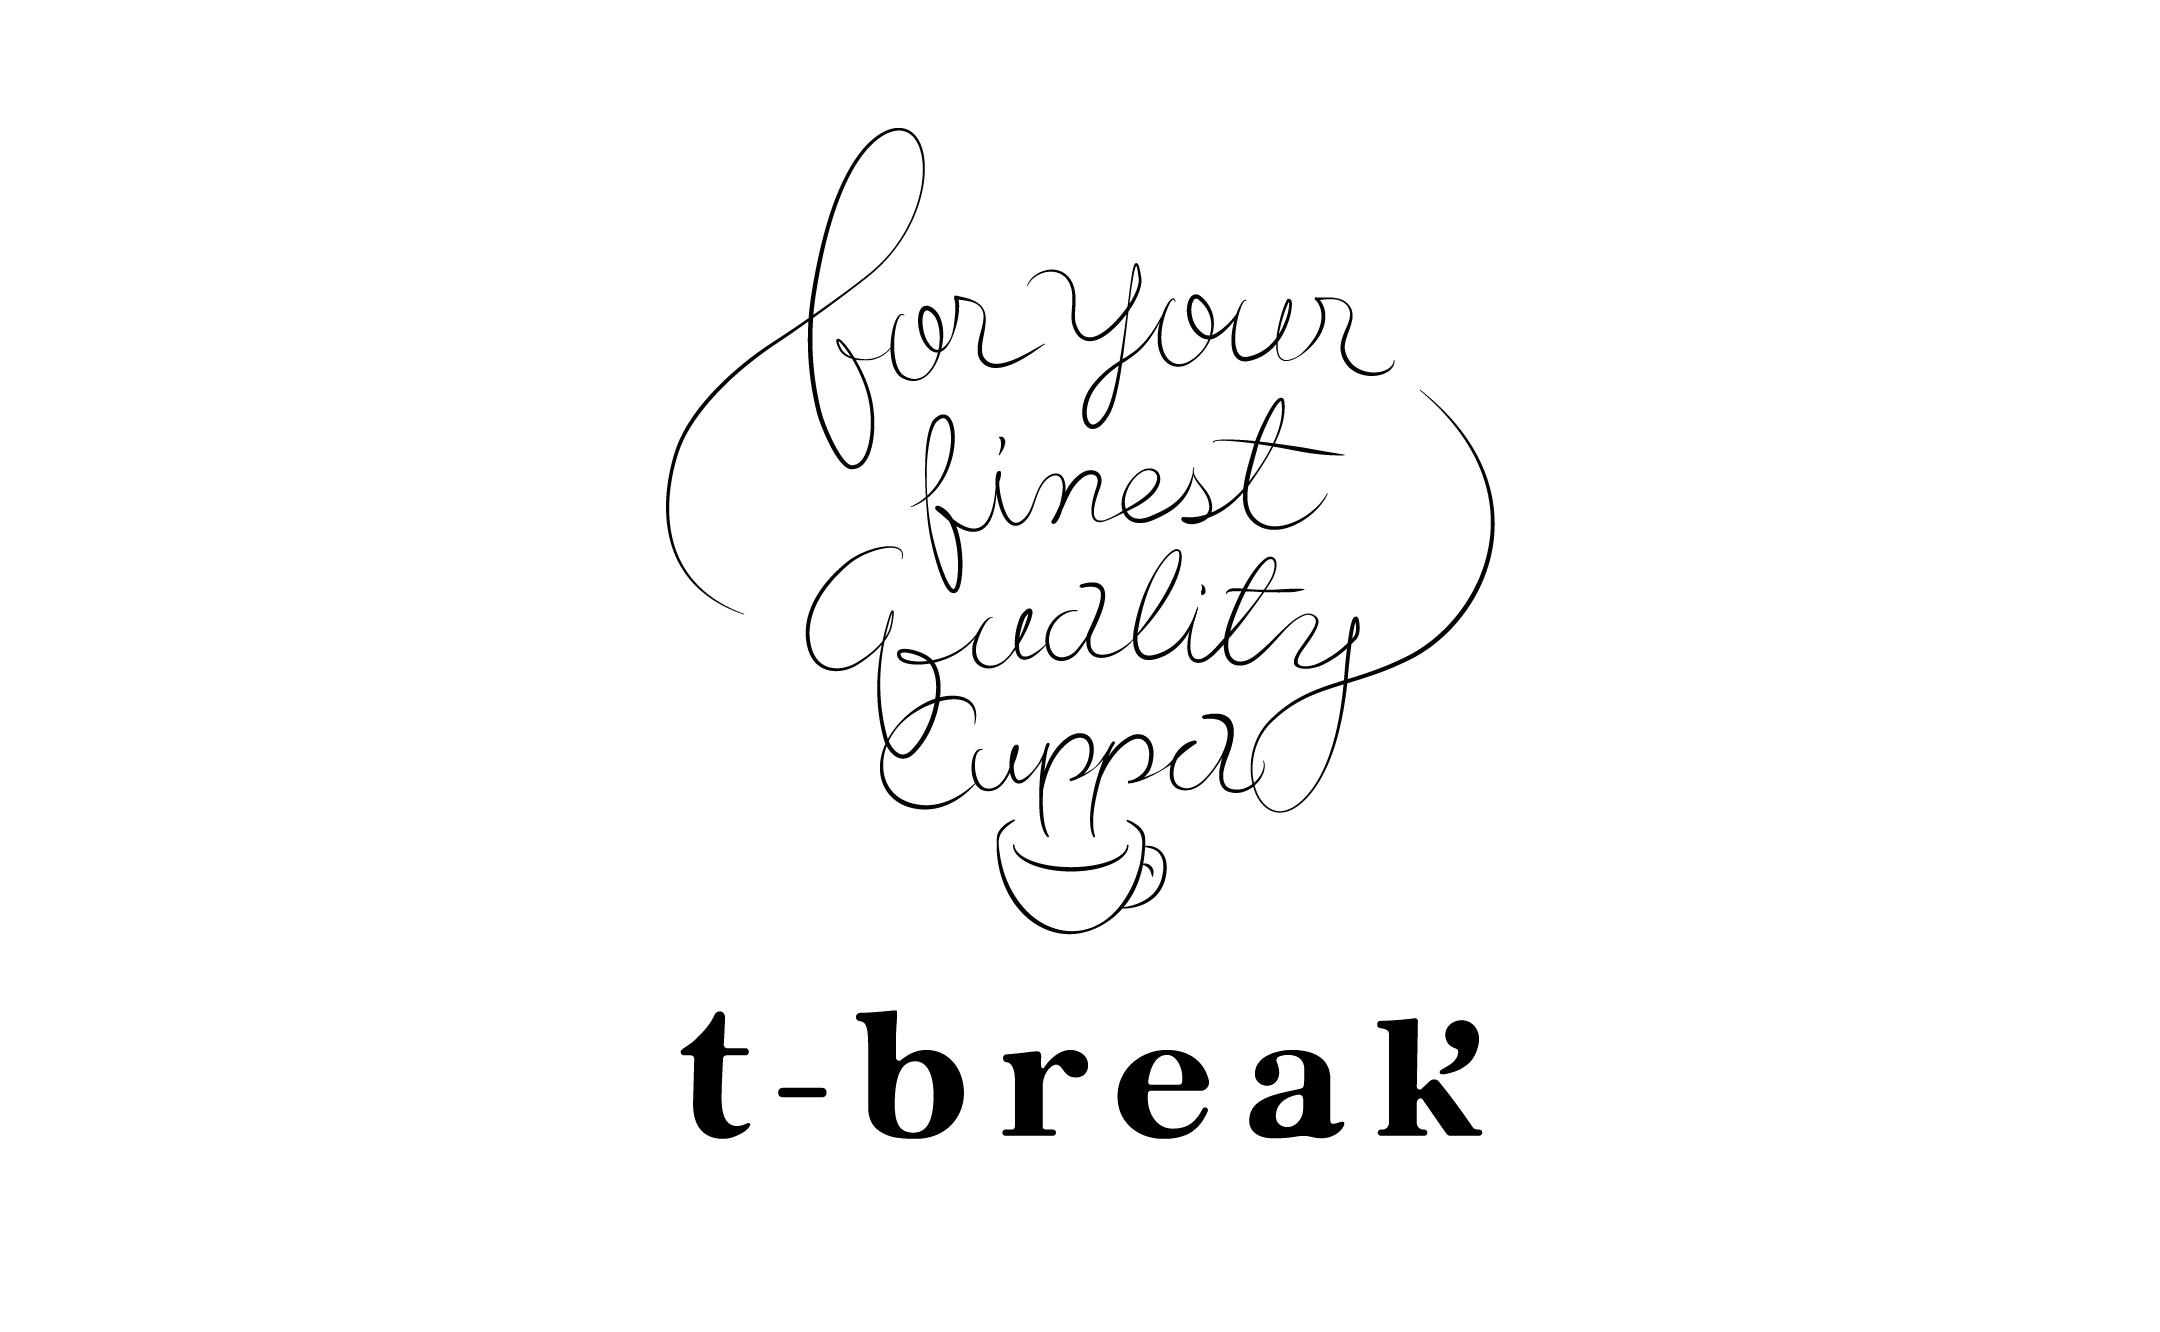 シングルオリジンティー販売 t-break ロゴ制作